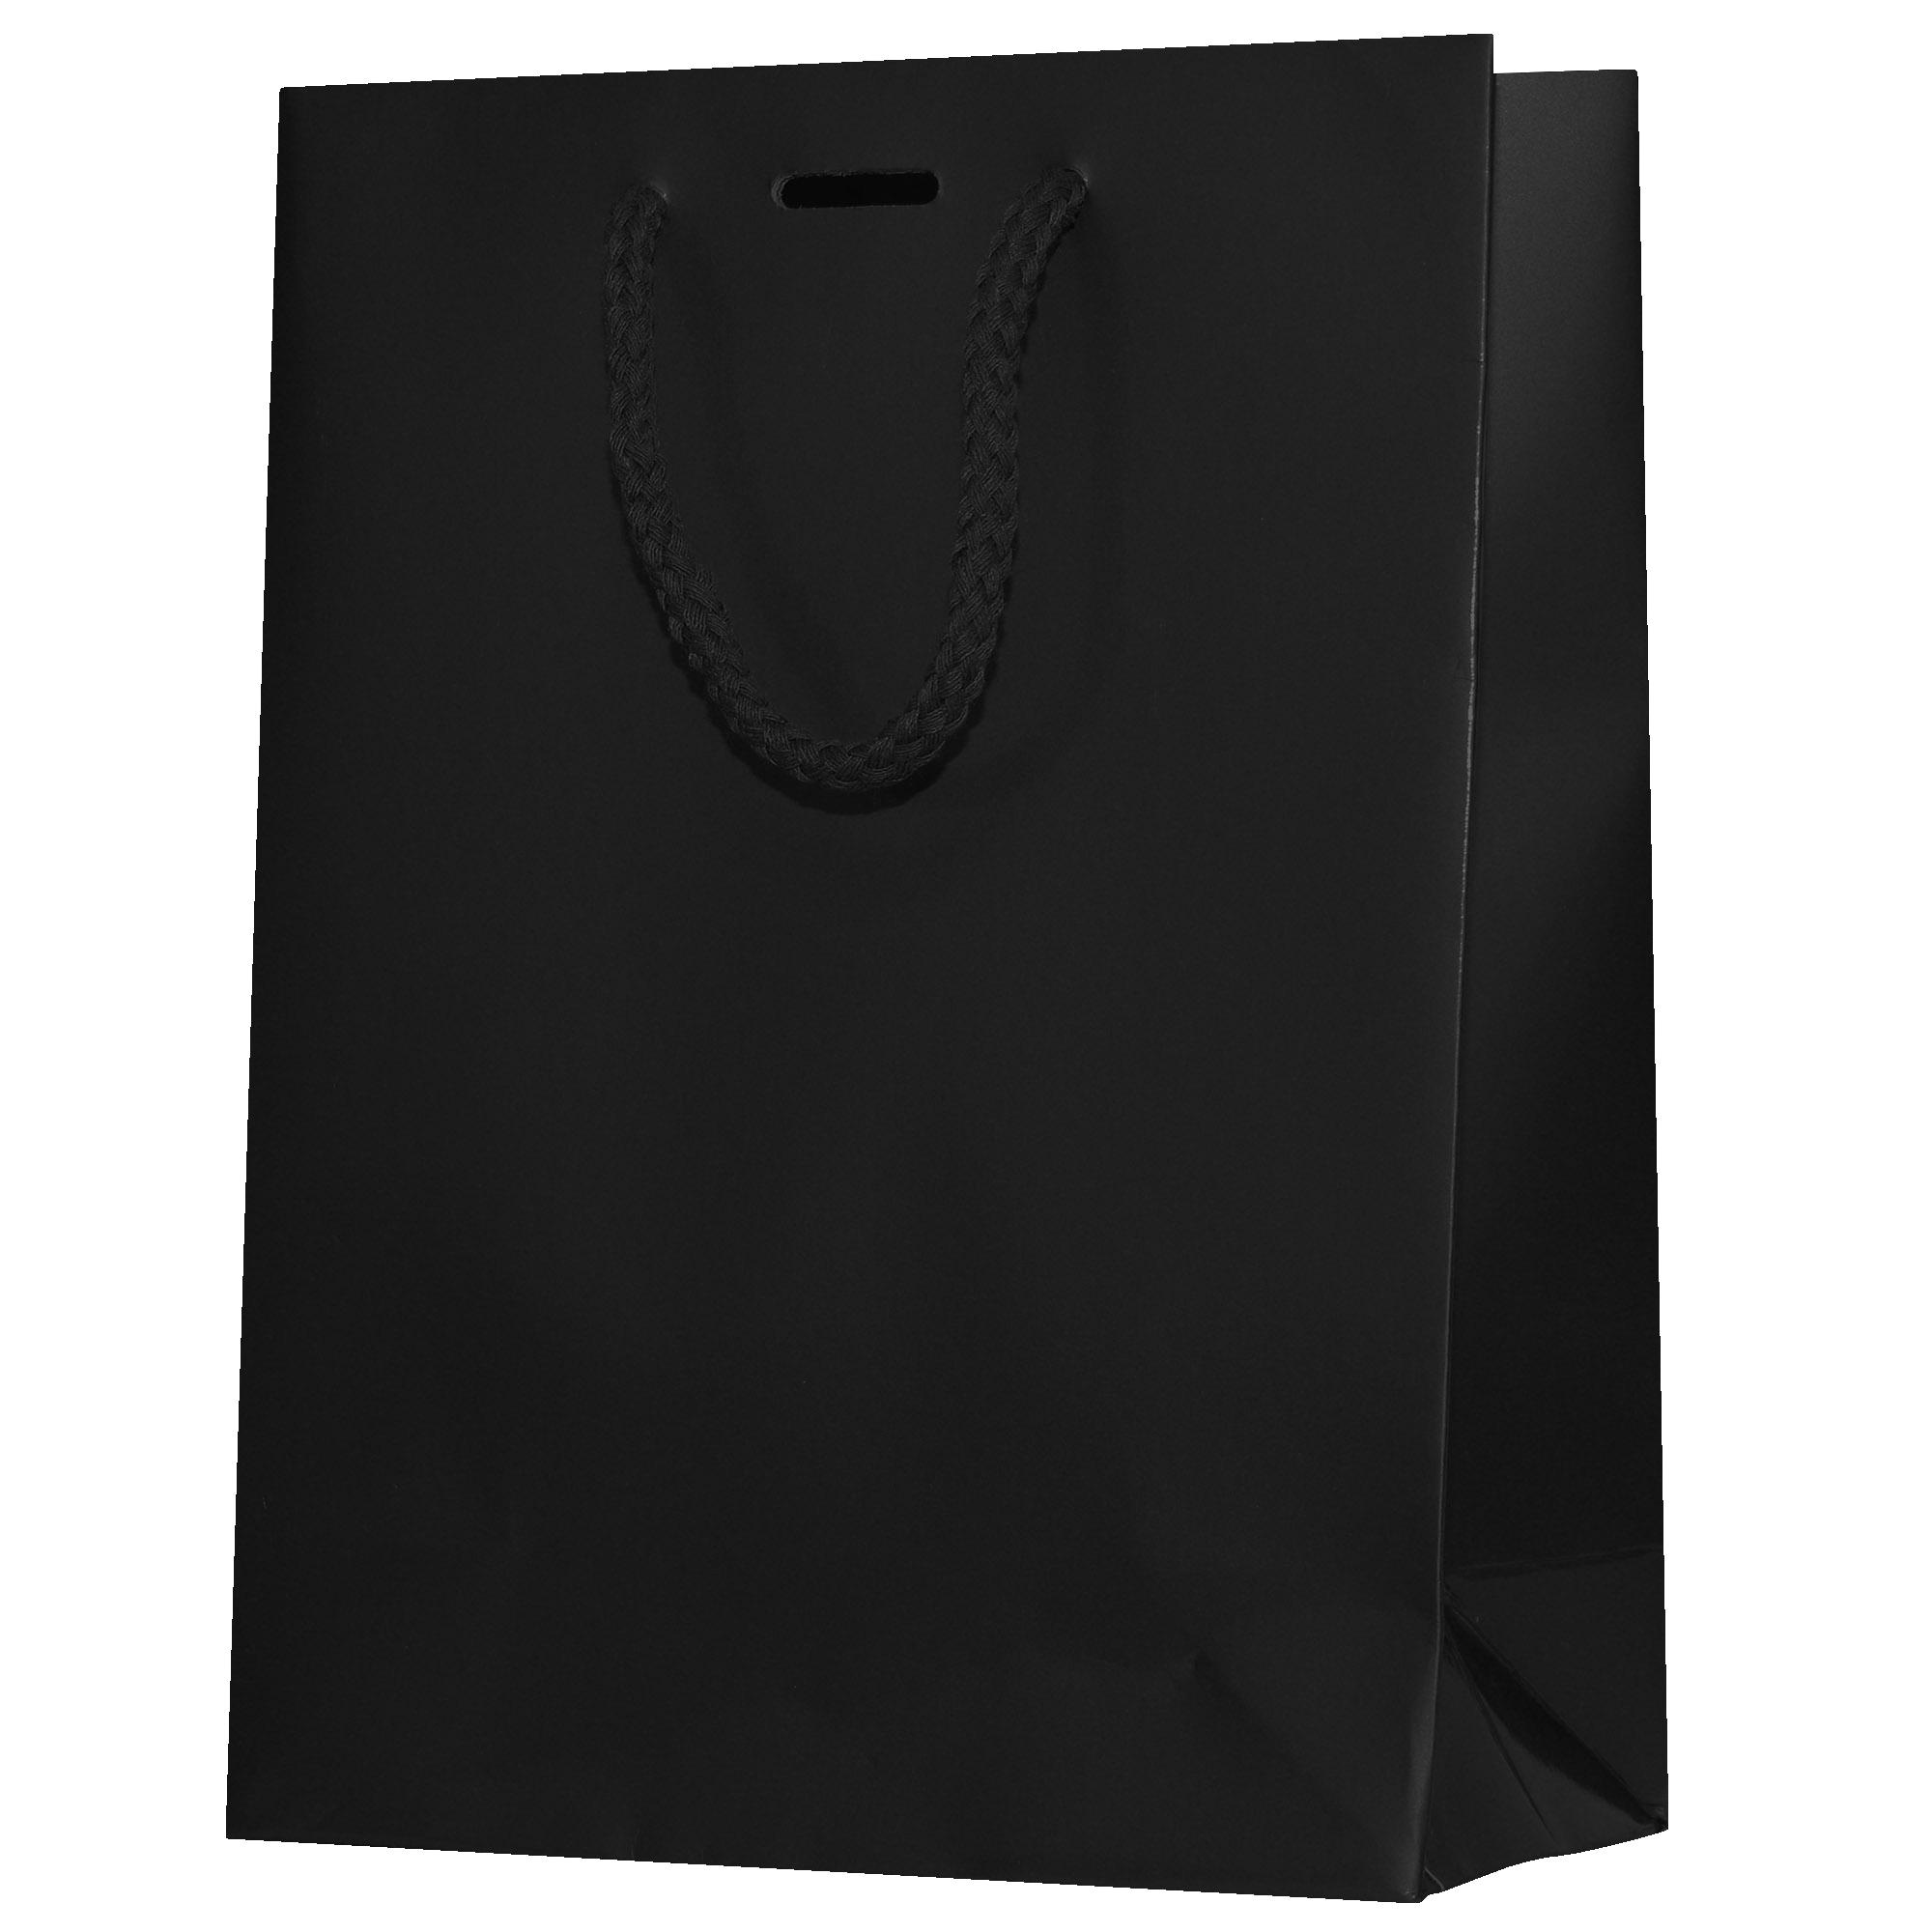 Imprimir bolsas de regalo de papel   Helloprint